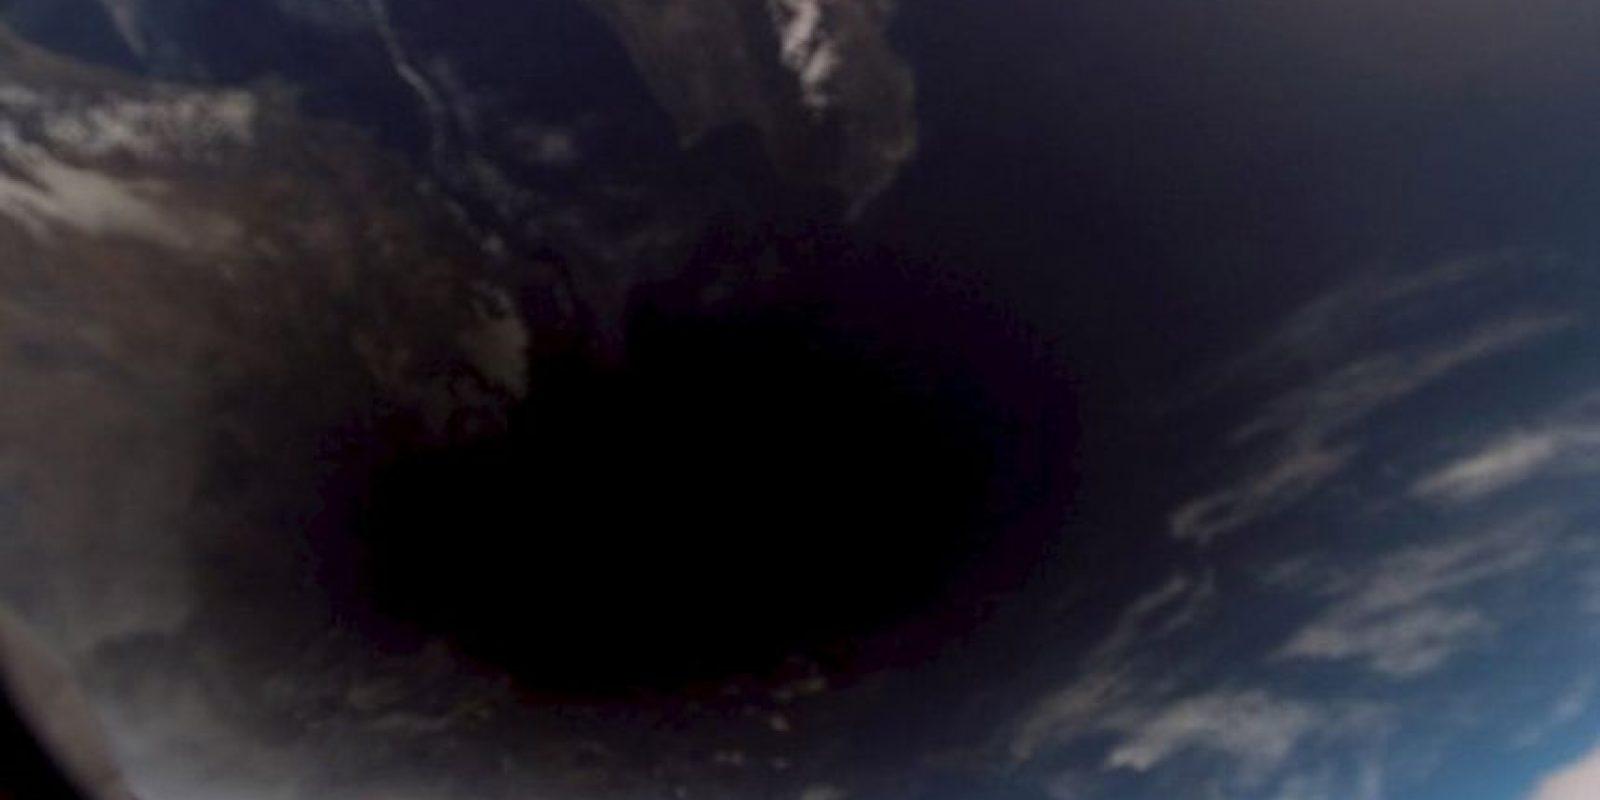 Eclipse solar desde el espacio Foto:Vía http://www.nasa.gov/